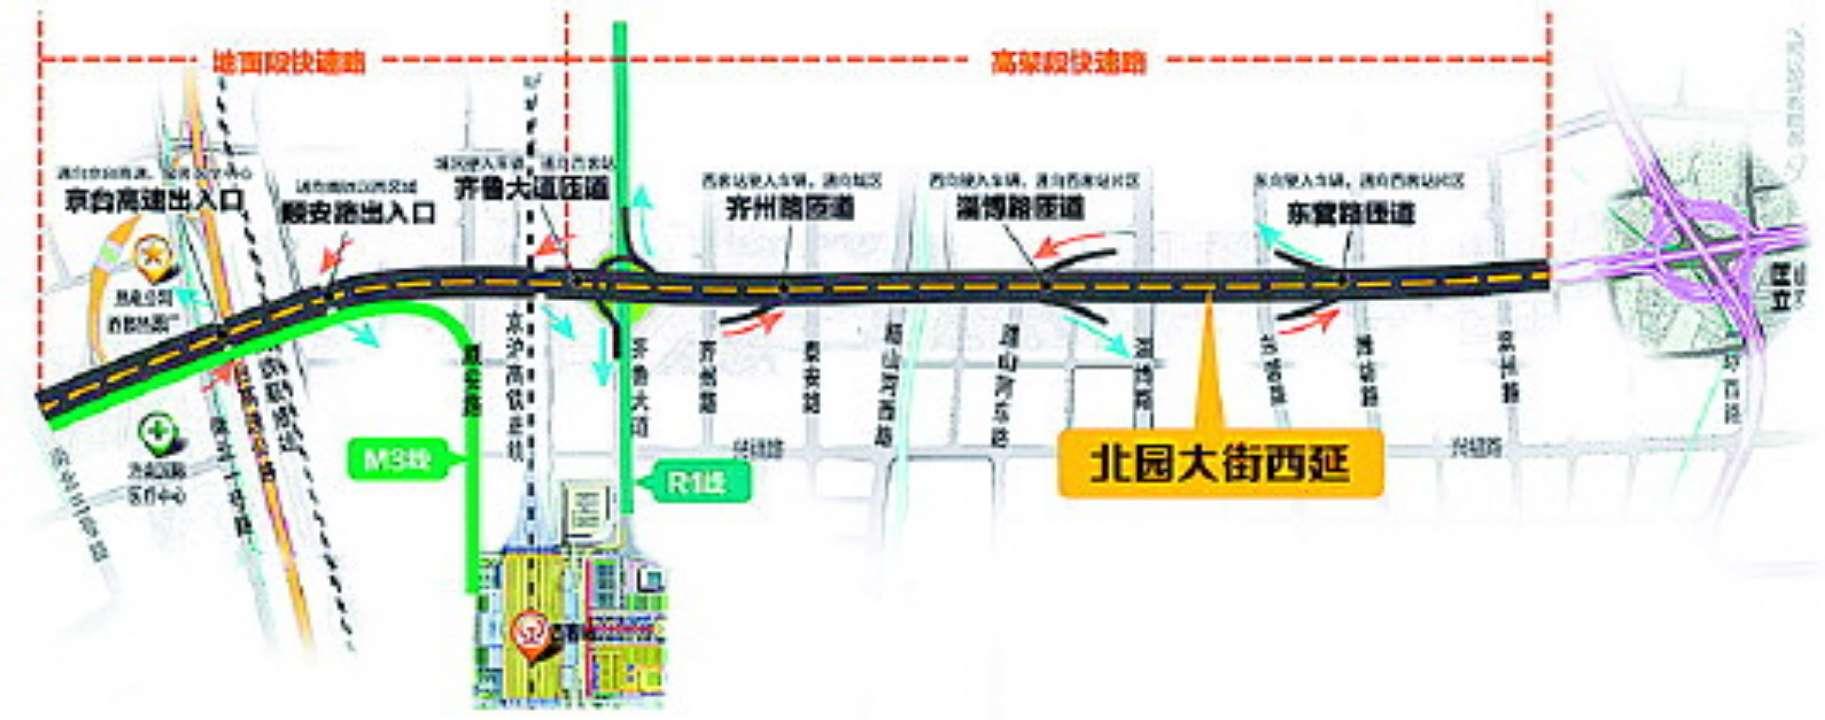 济南北园高架路西延主体接近完成 高架段元旦能通车